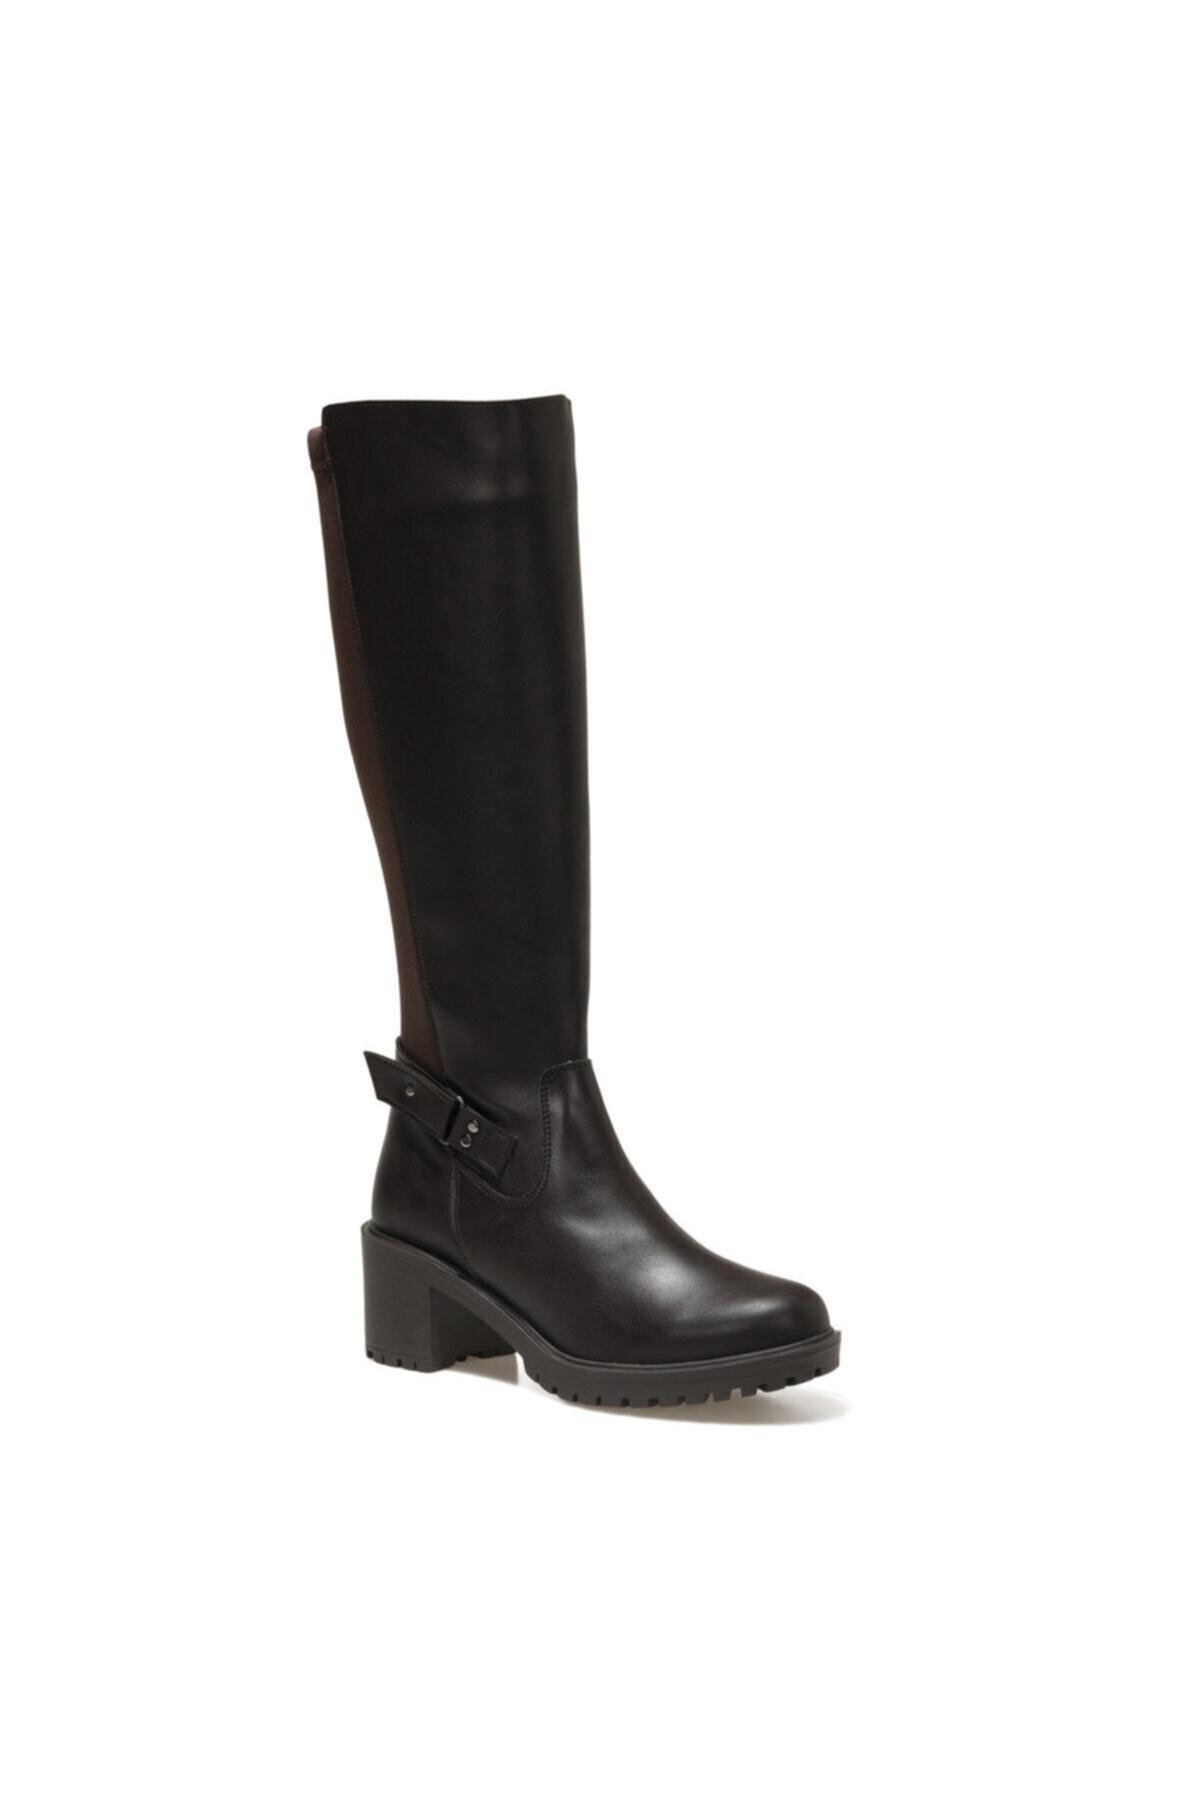 316737.Z Kahverengi Kadın Ökçeli Çizme 100562155